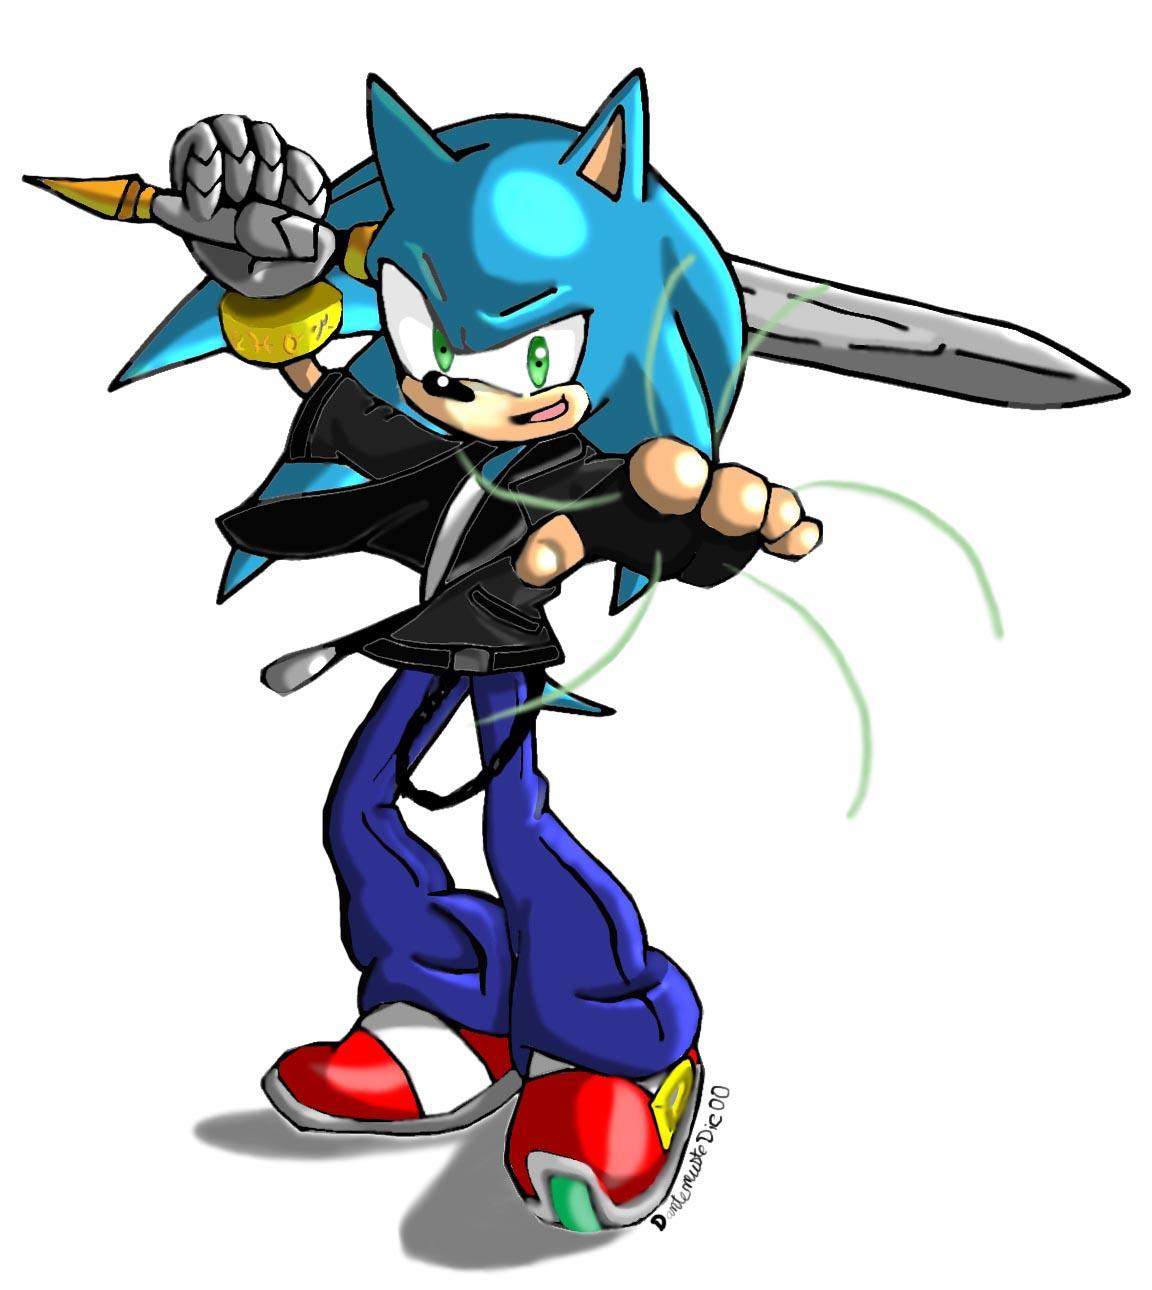 Sonic The Hedgehog Sonic The Hedgehog Fan Art 30976731 Fanpop